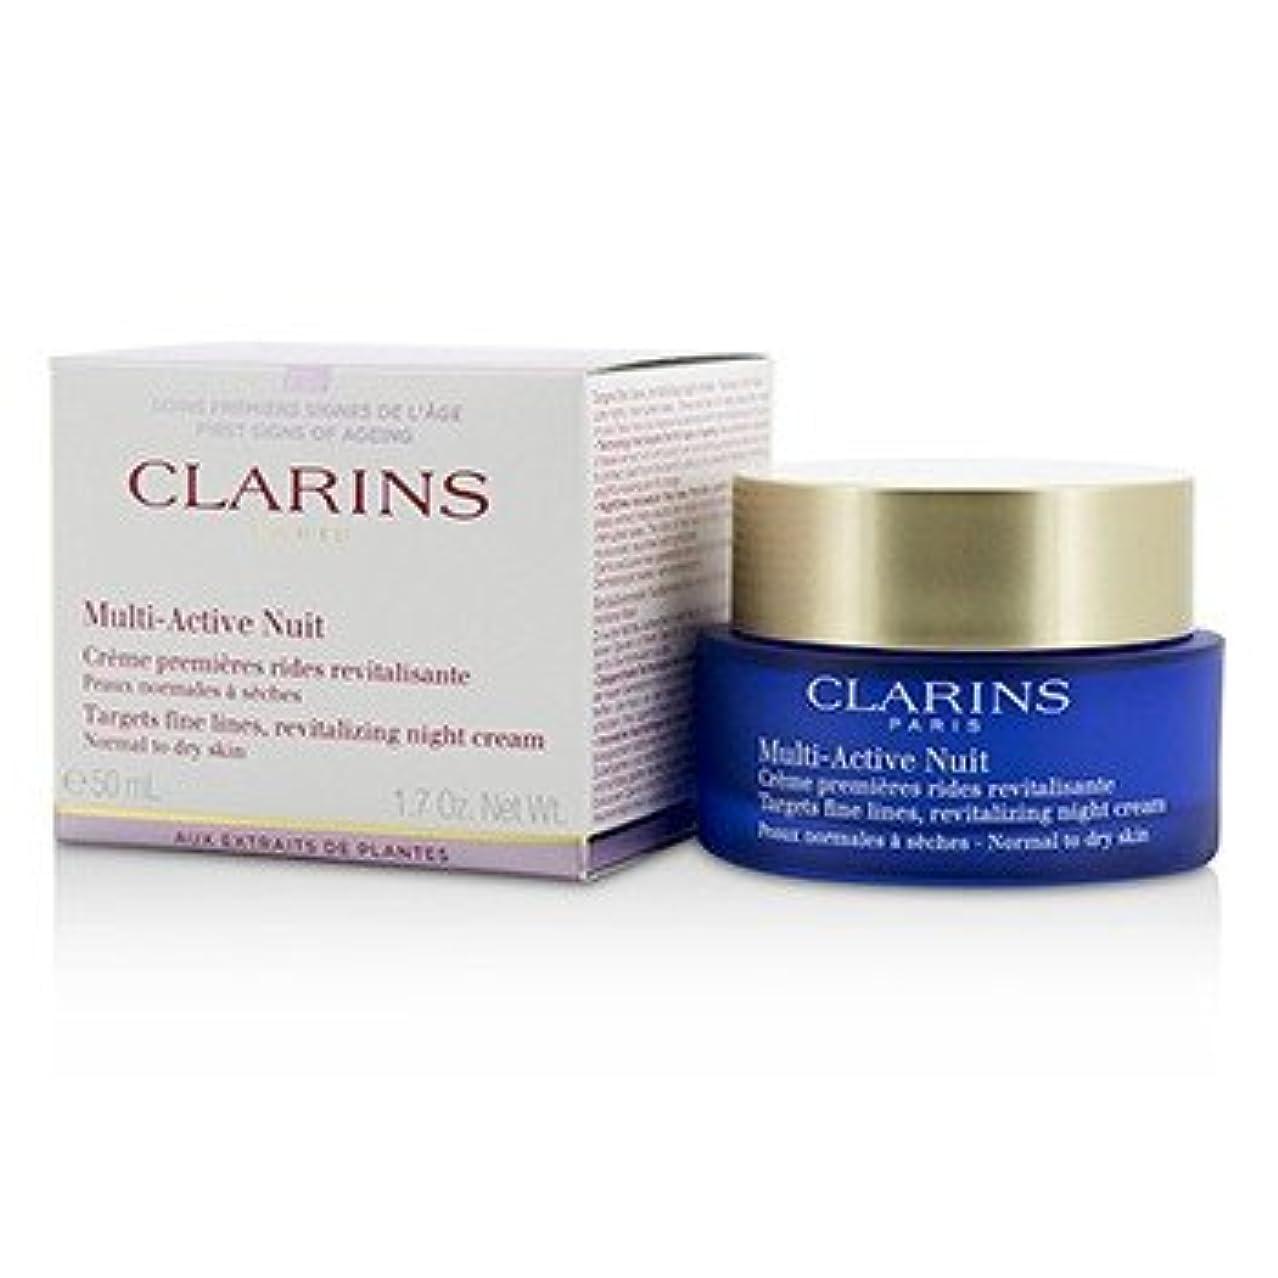 少数遅滞ペア[Clarins] Multi-Active Night Targets Fine Lines Revitalizing Night Cream - For Normal To Dry Skin 50ml/1.6oz